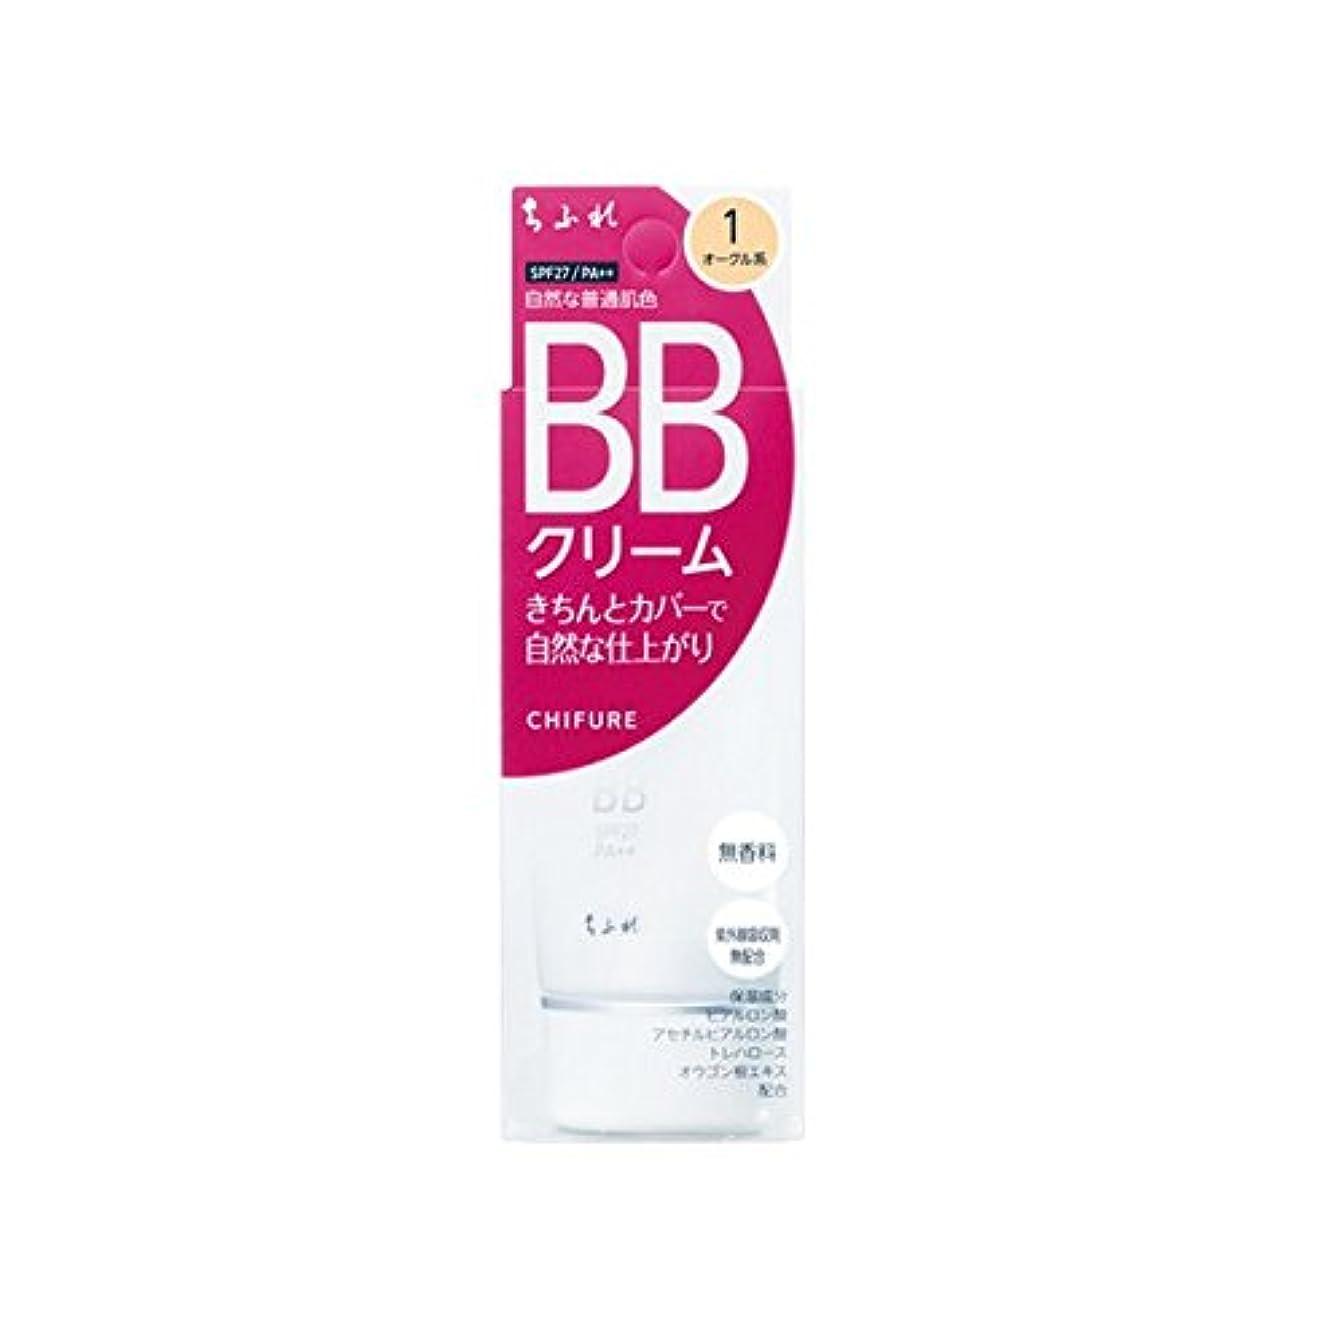 平均生き残ります最後にちふれ化粧品 BB クリーム 1 自然な普通肌色 BBクリーム 1